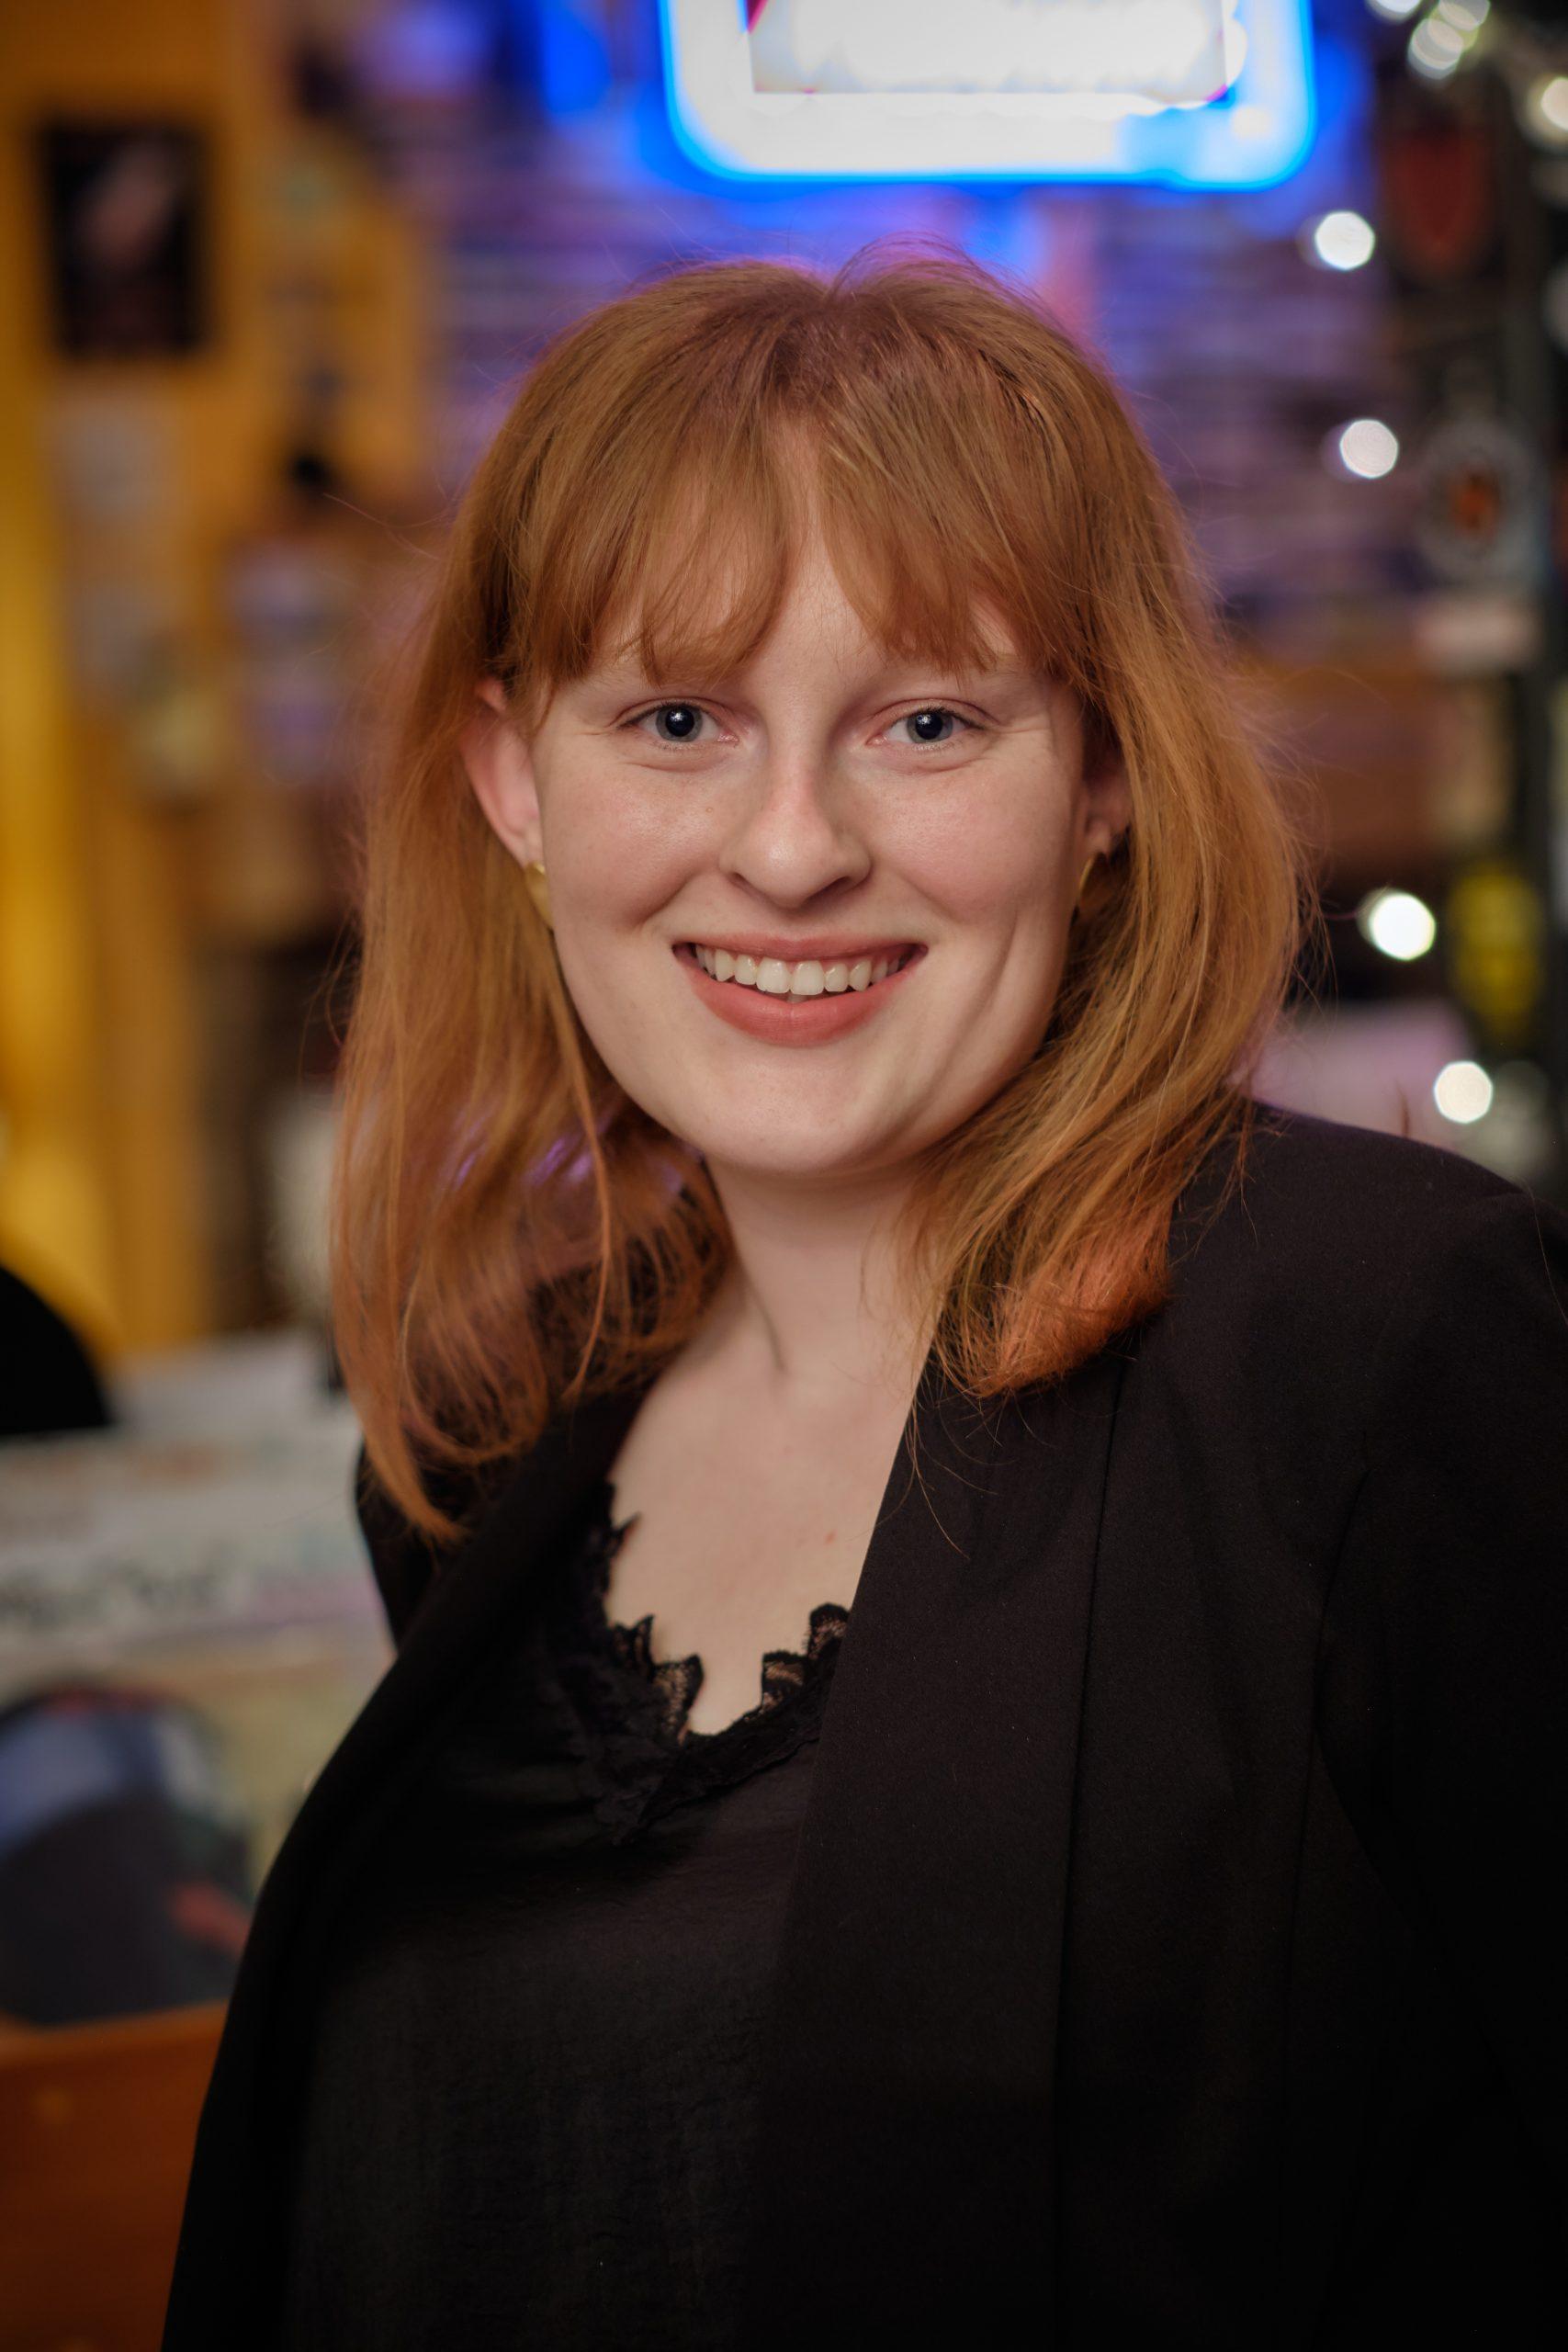 Katie McGarr